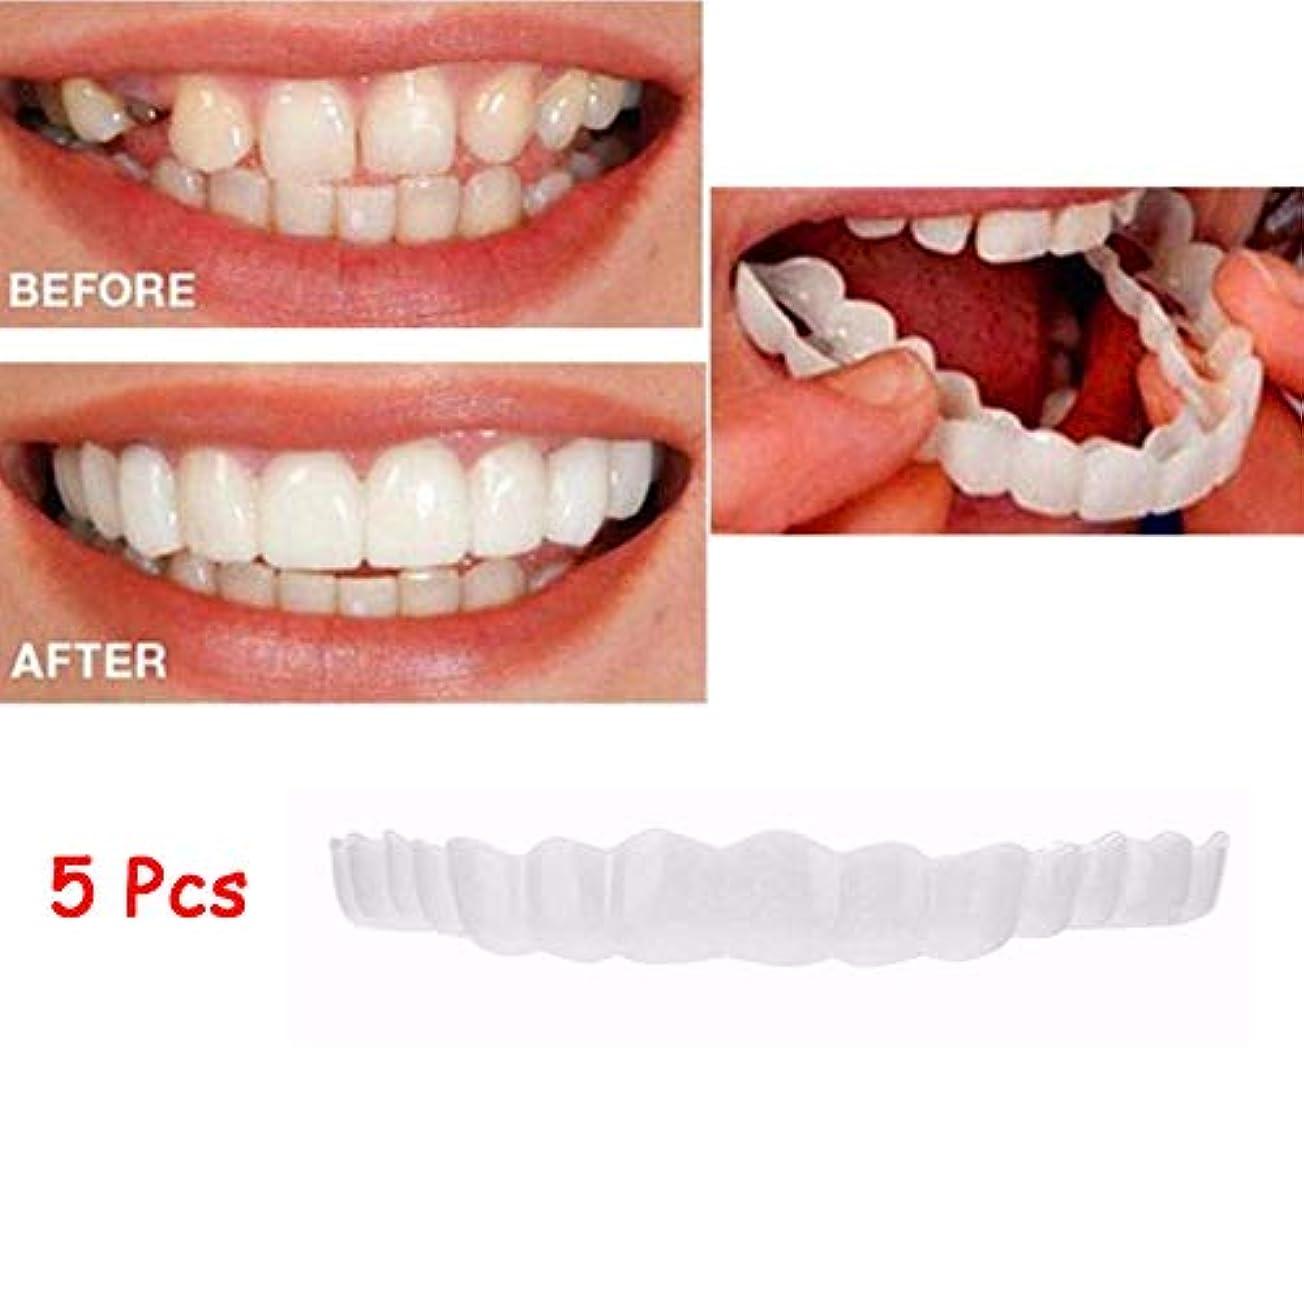 ボクシング肥満ソビエト5本突き板、化粧品の歯 - 一時的な笑顔の快適さフレックス歯のベニー